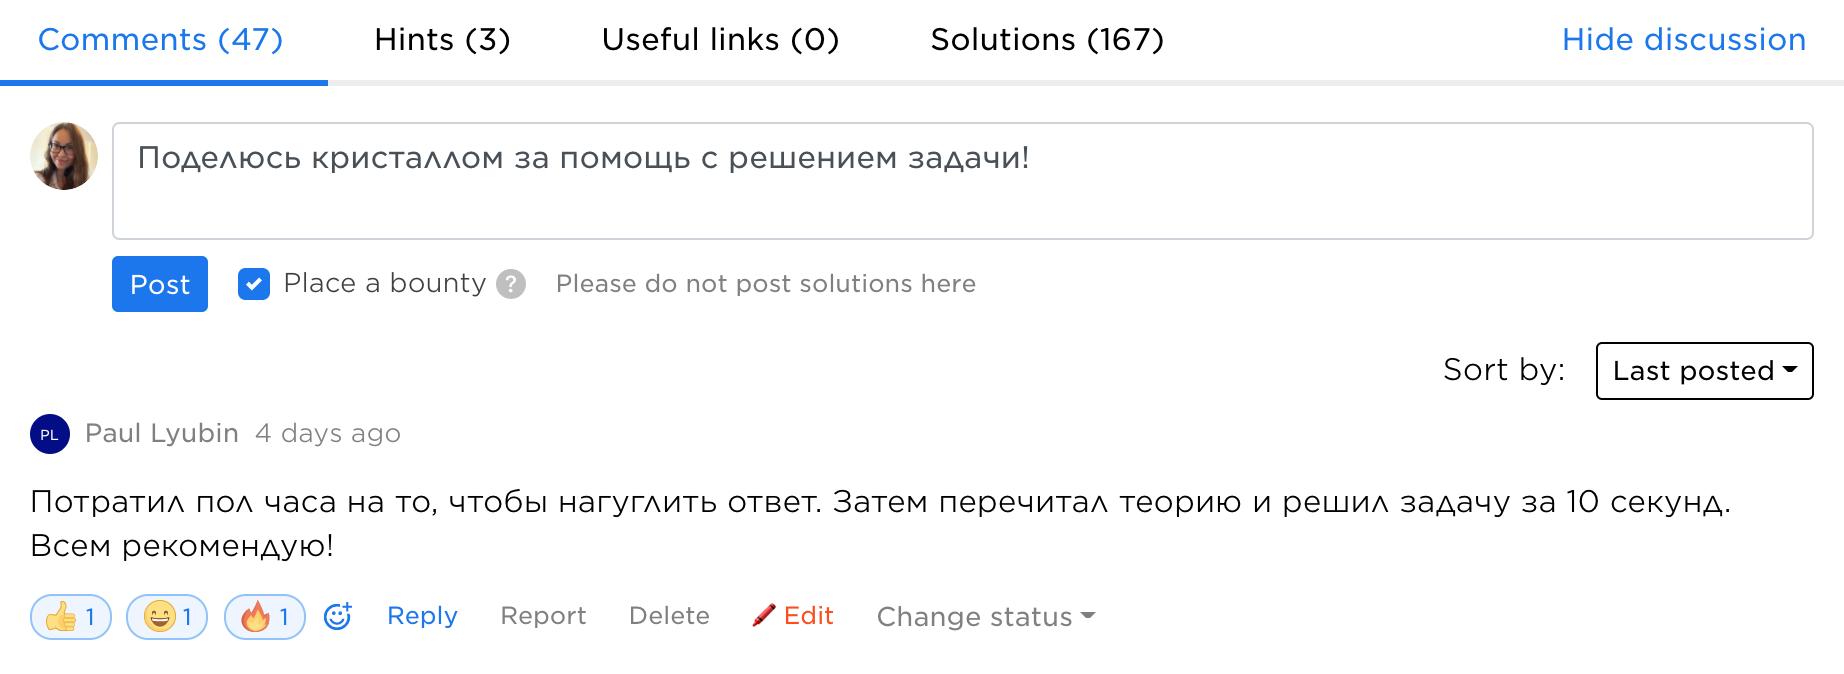 Возможные действия при работе с комментариями пользователей JetBrains Academy